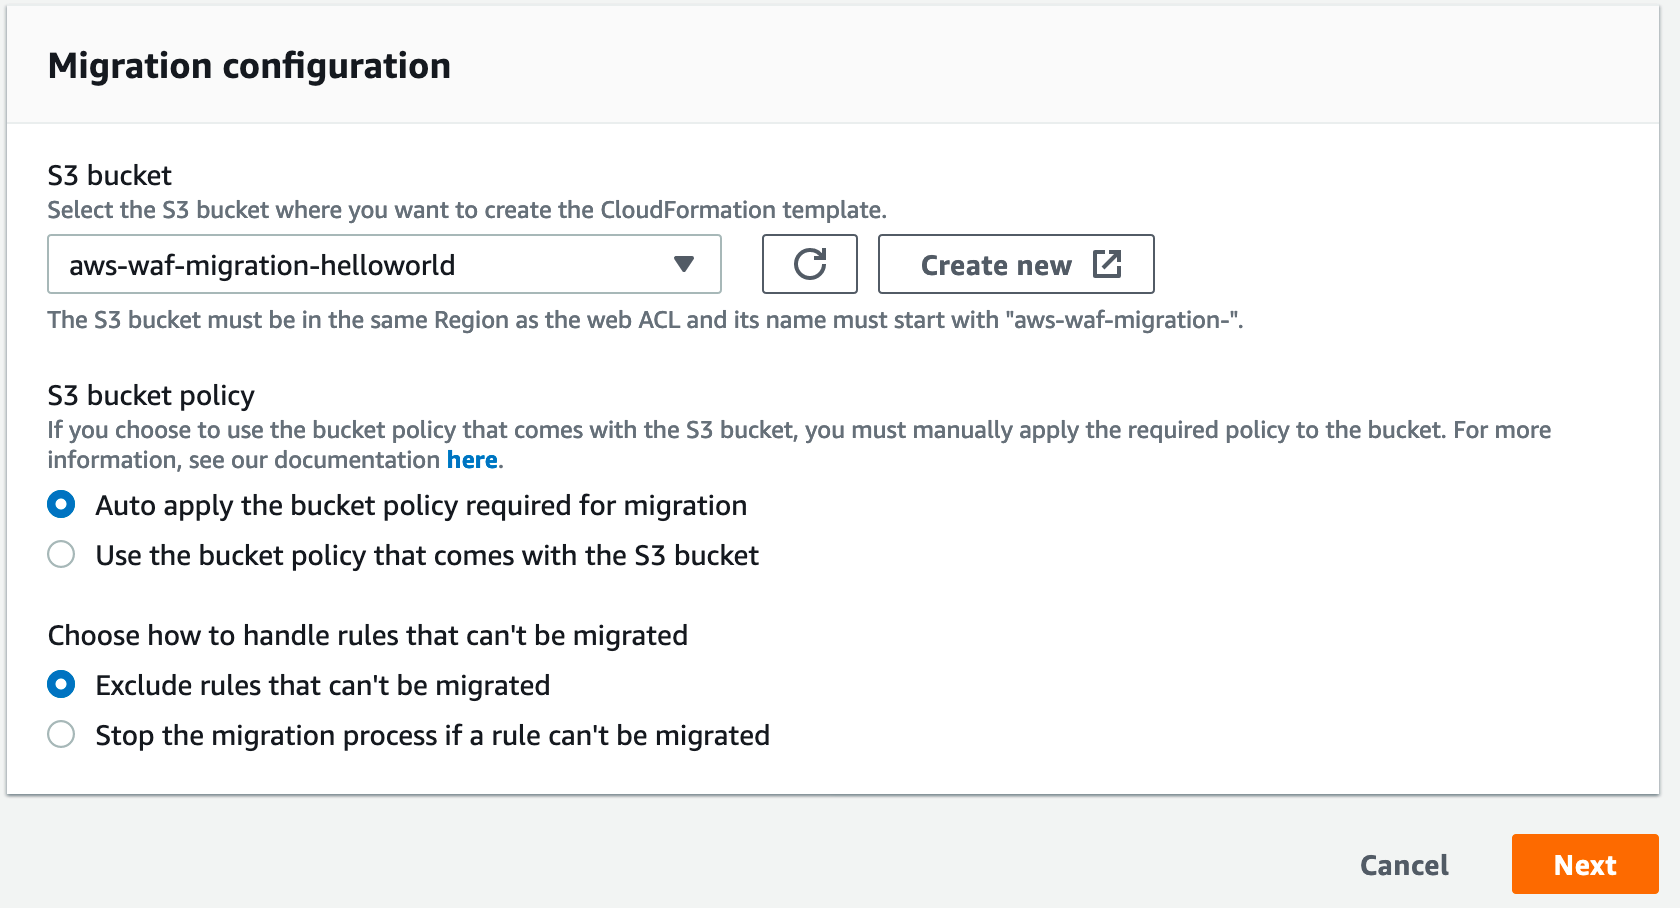 Figure 3: Configure migration options